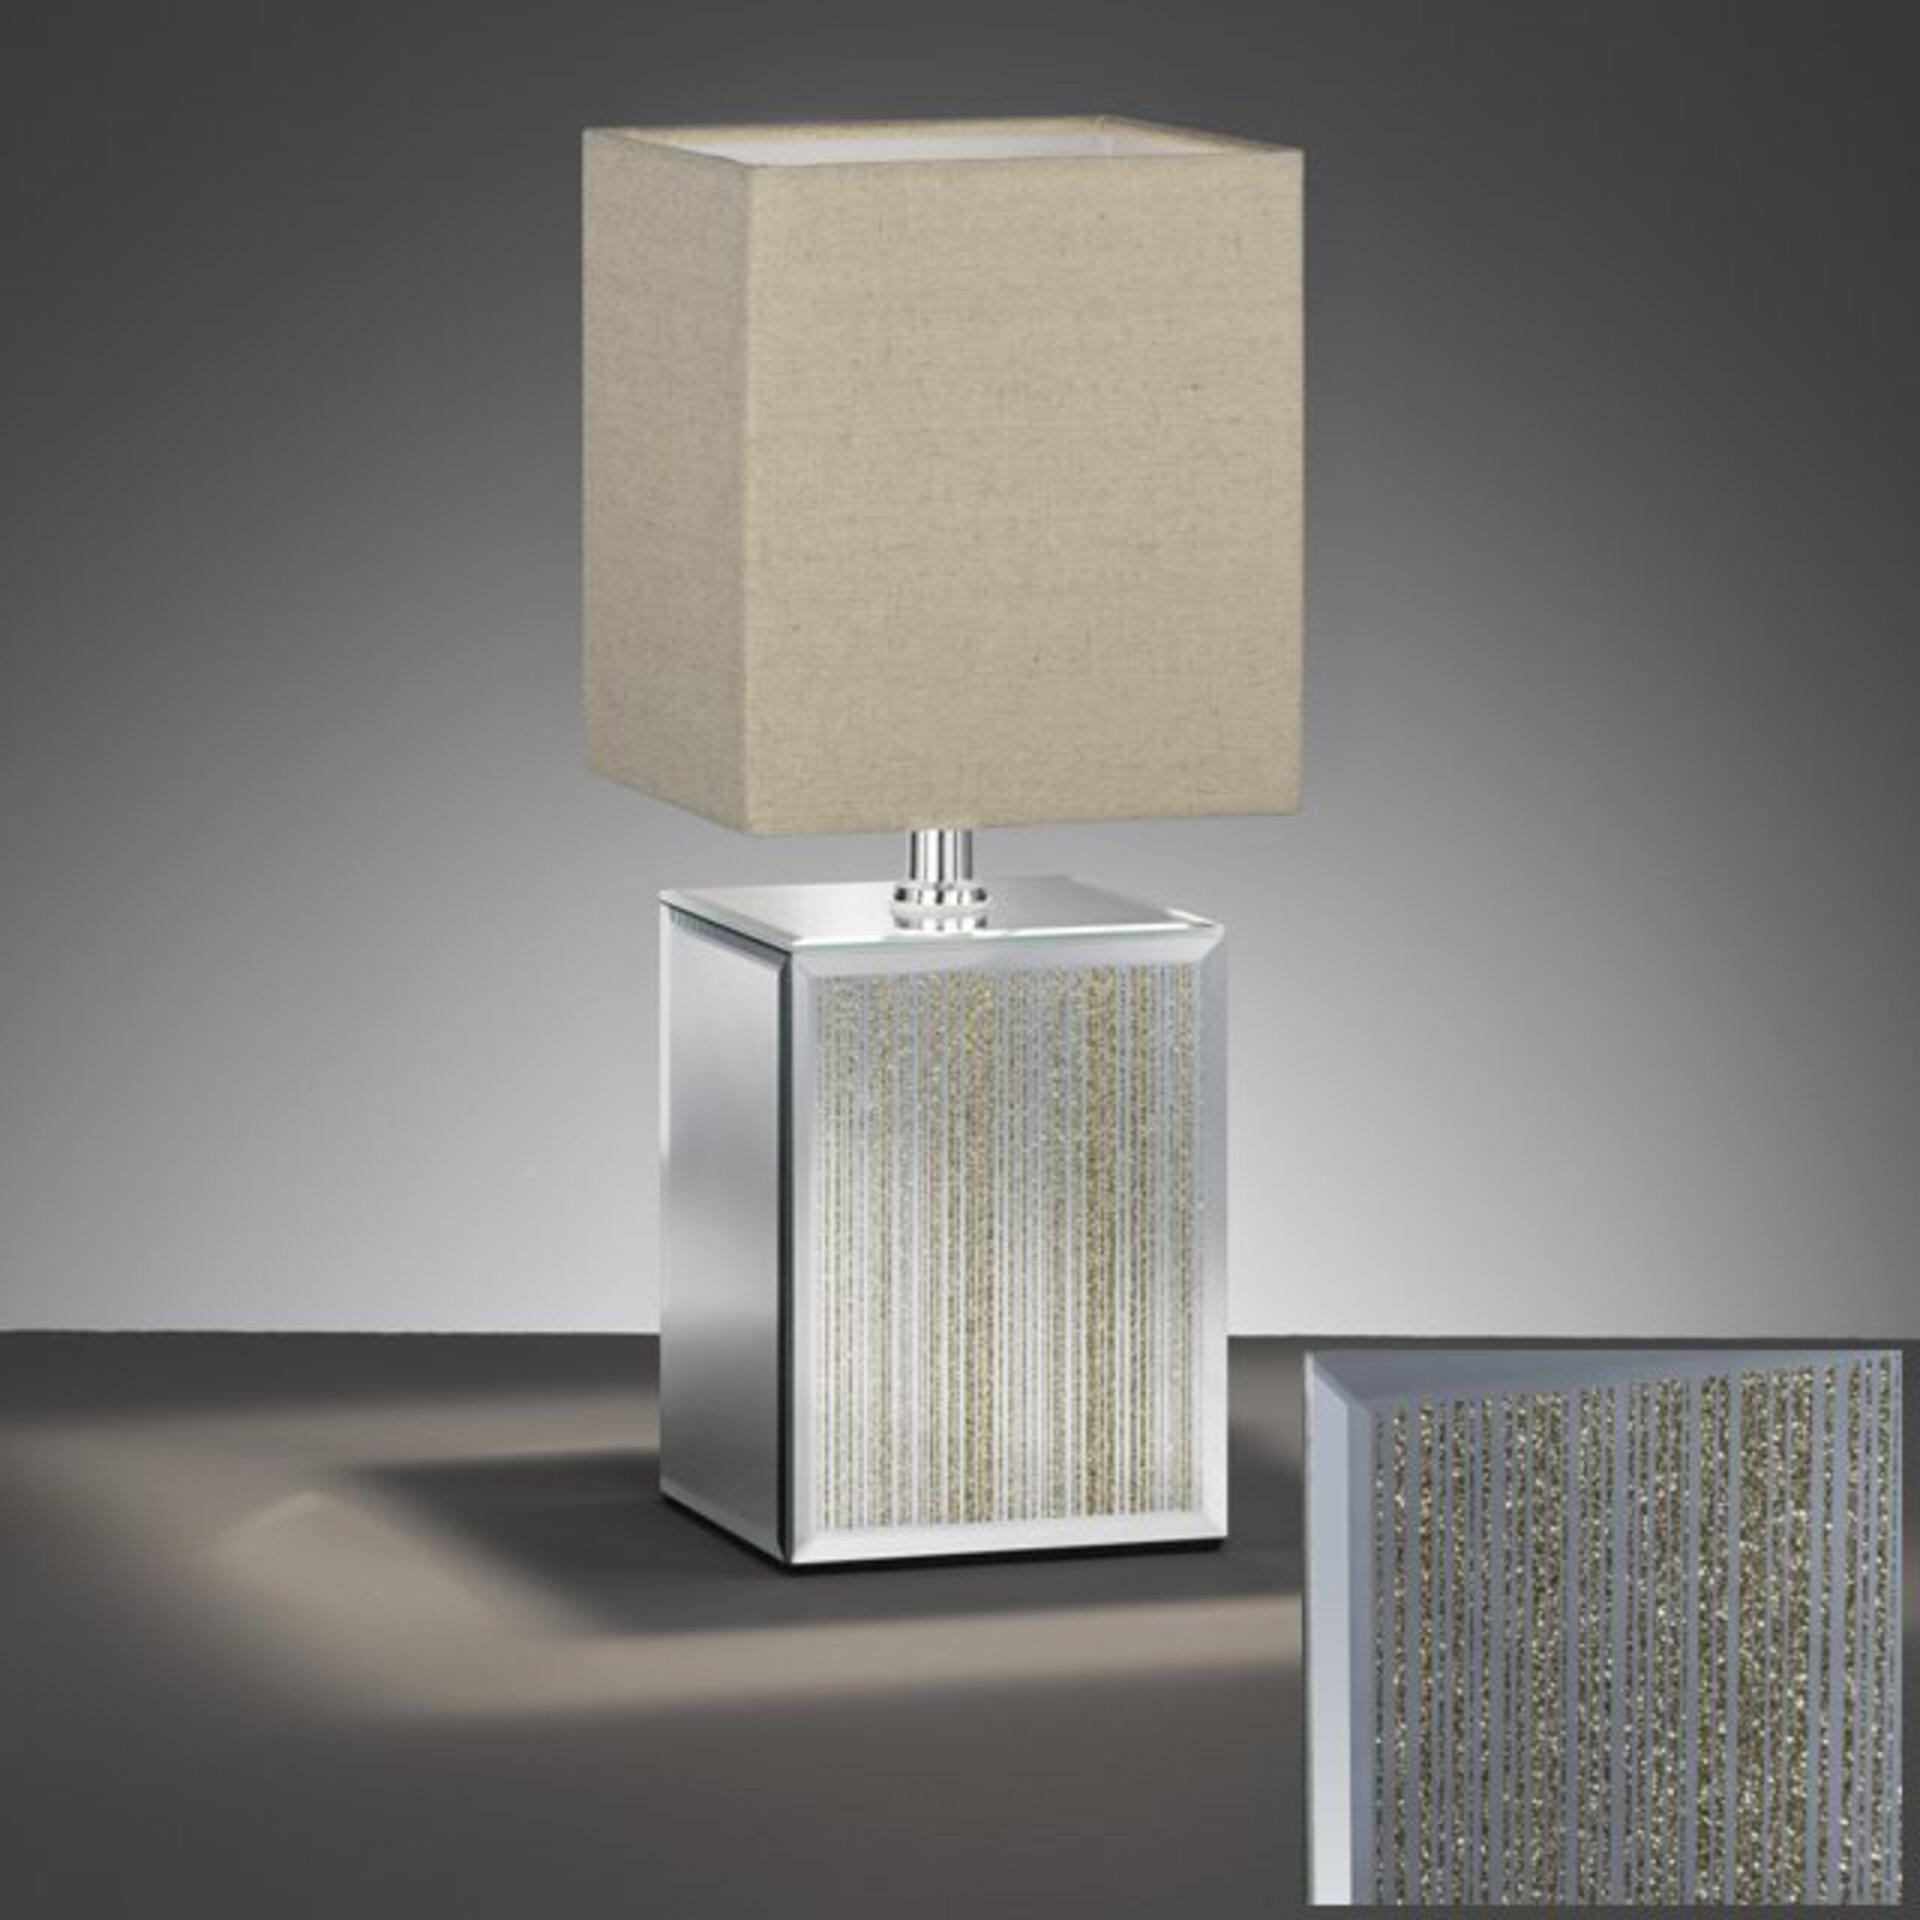 Tischleuchte Bert Fischer-Honsel Glas gold 15 x 25 x 15 cm